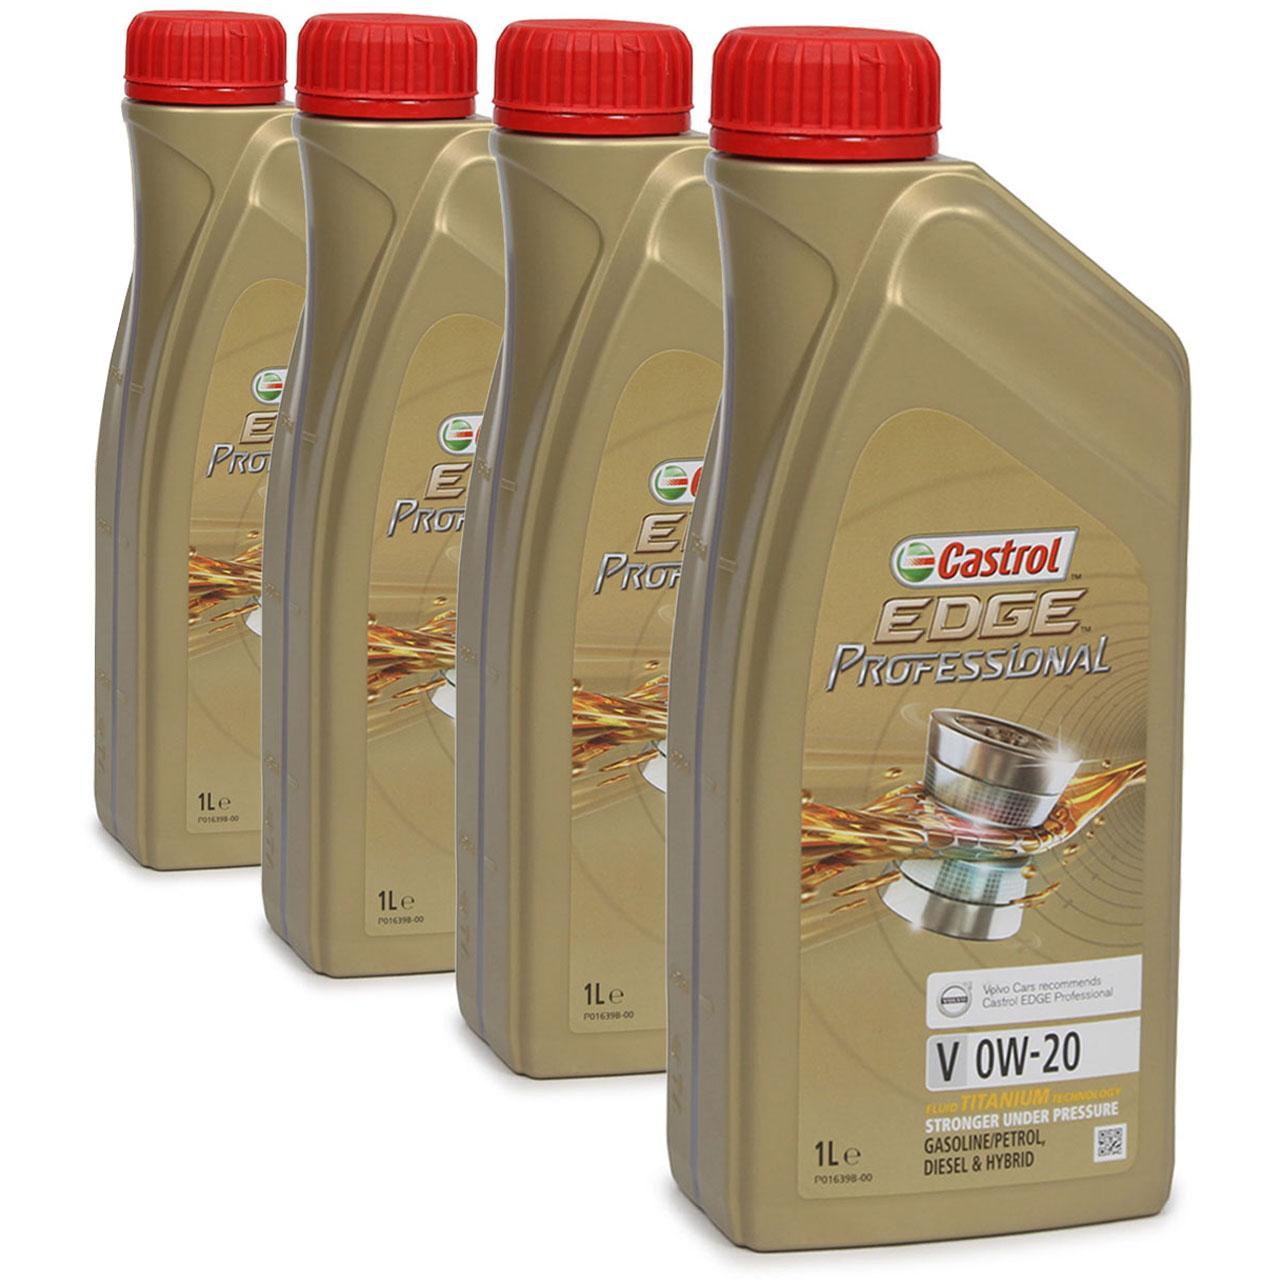 CASTROL EDGE Professional Motoröl ÖL TITANIUM FST V 0W20 C5 für VOLVO - 4 Liter